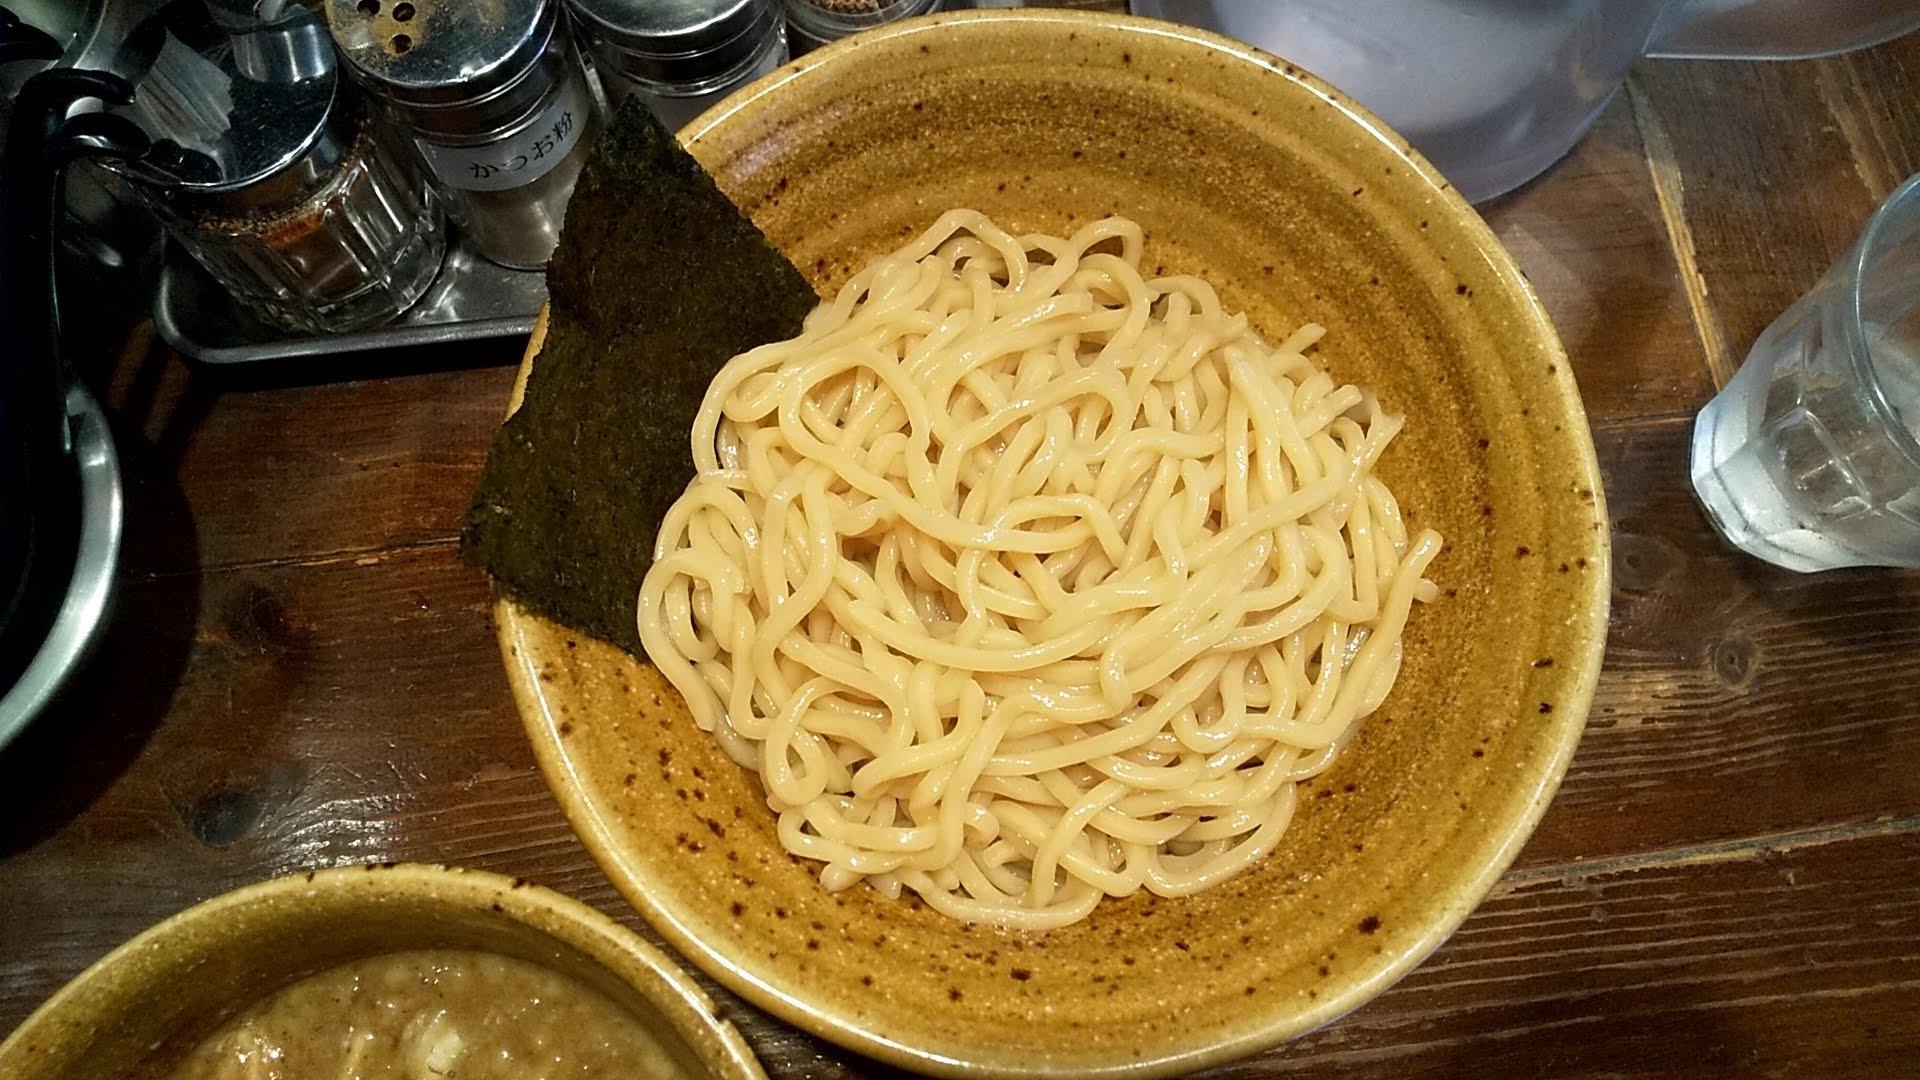 二代目えん寺のベジポタ味玉肉増し煮干しじめつけ麺の麺皿写真